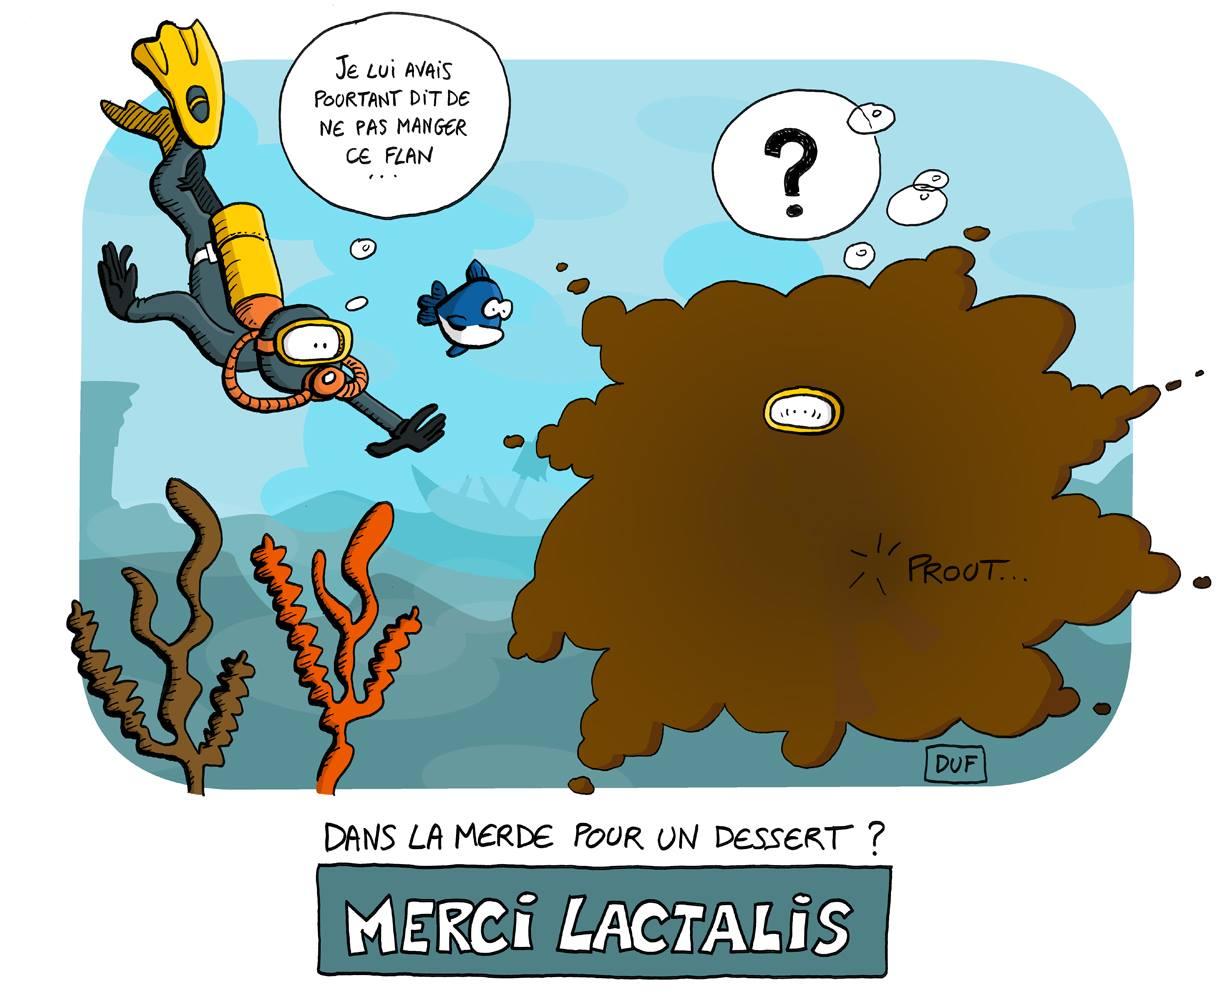 dessin d'actualité humoristique sur l'utilisation de lait contaminé par Lactalis dans des desserts